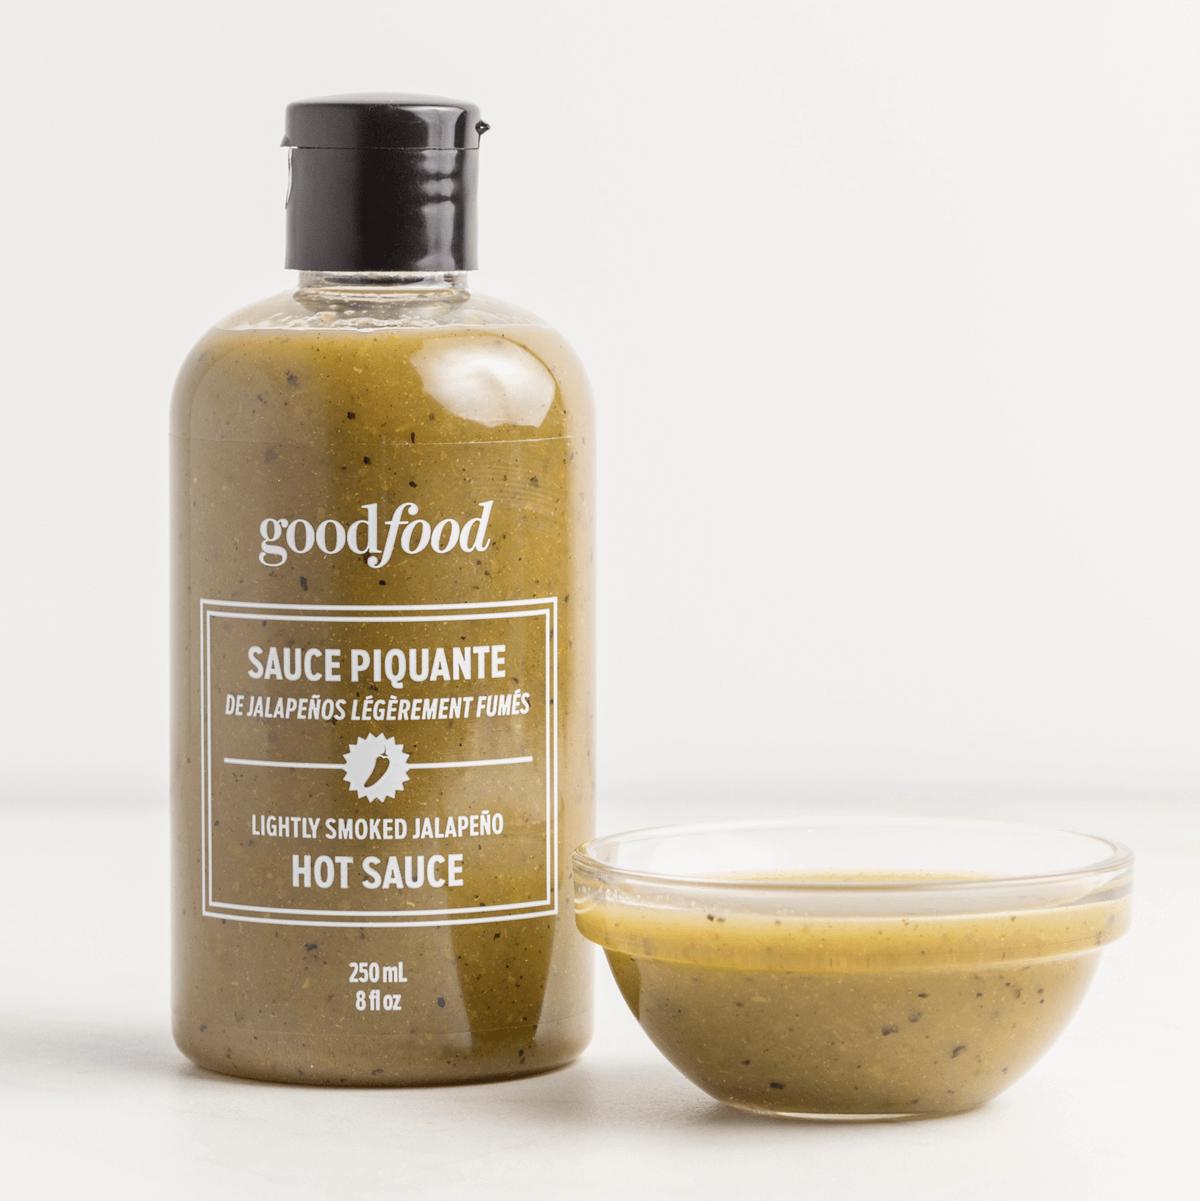 Goodfood jalapeno hot sauce